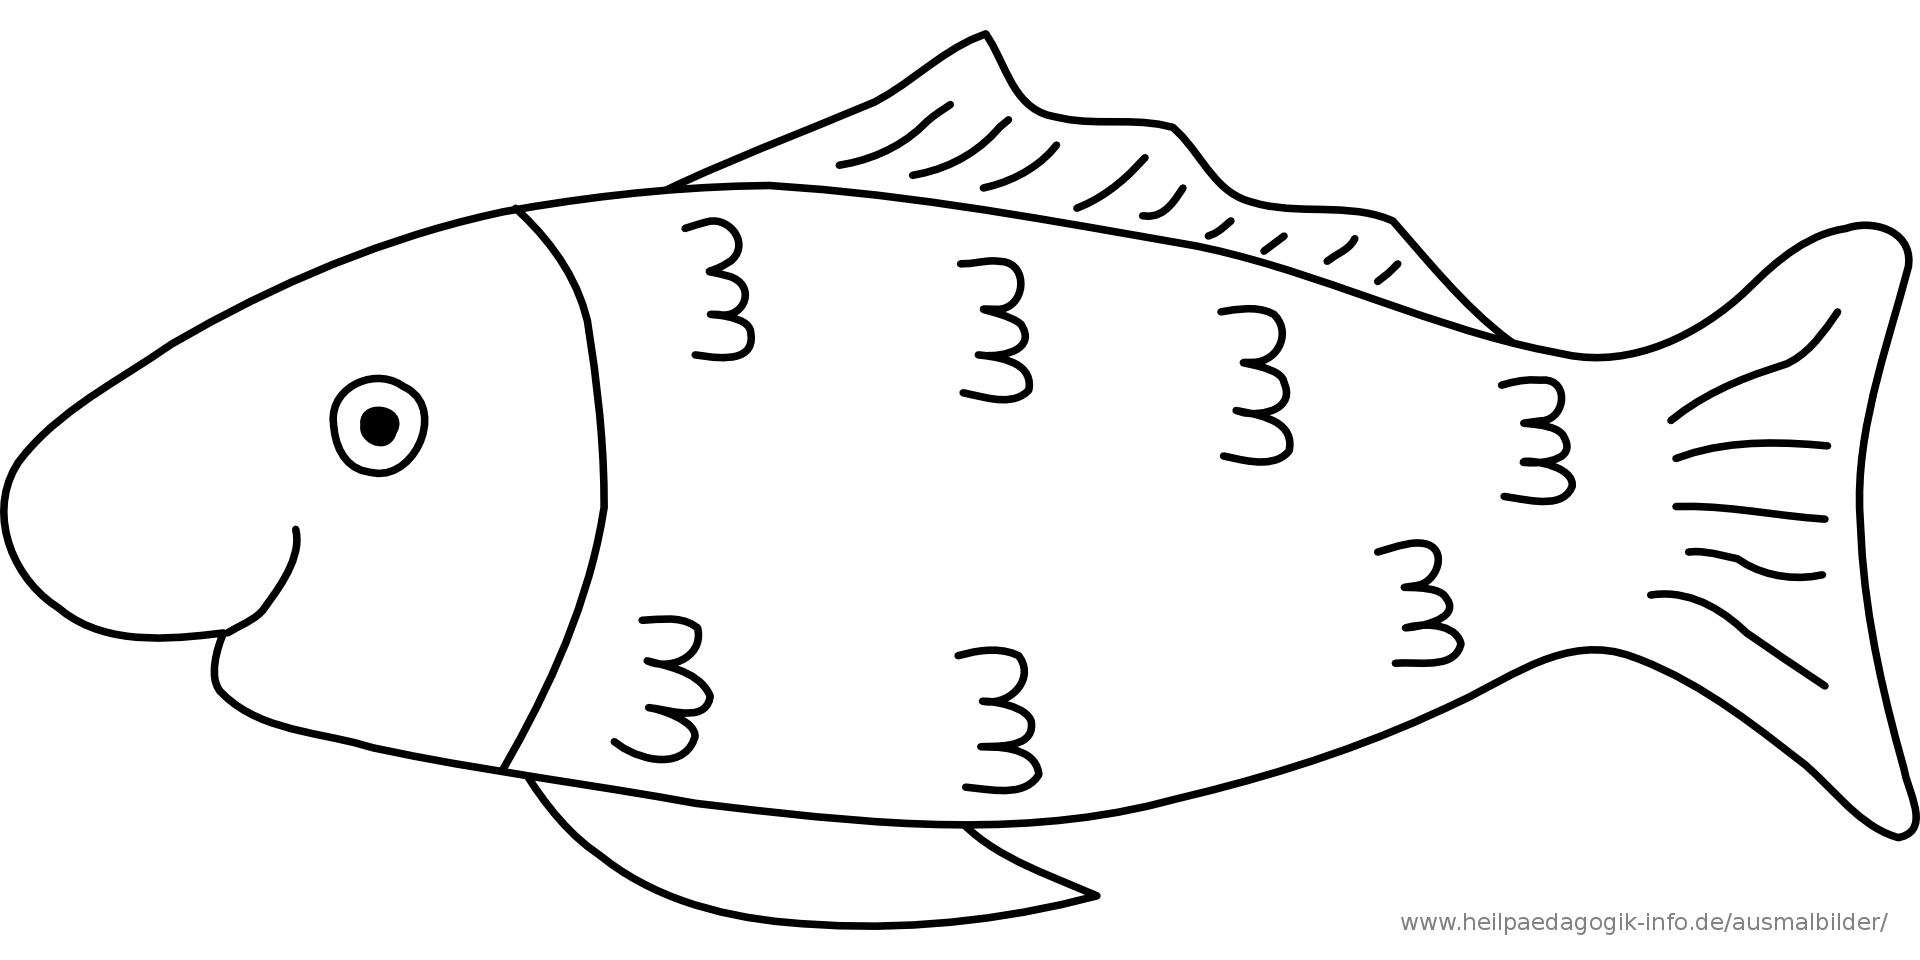 Niedlich Malvorlagen Fisch Fotos - Malvorlagen Von Tieren - ngadi.info